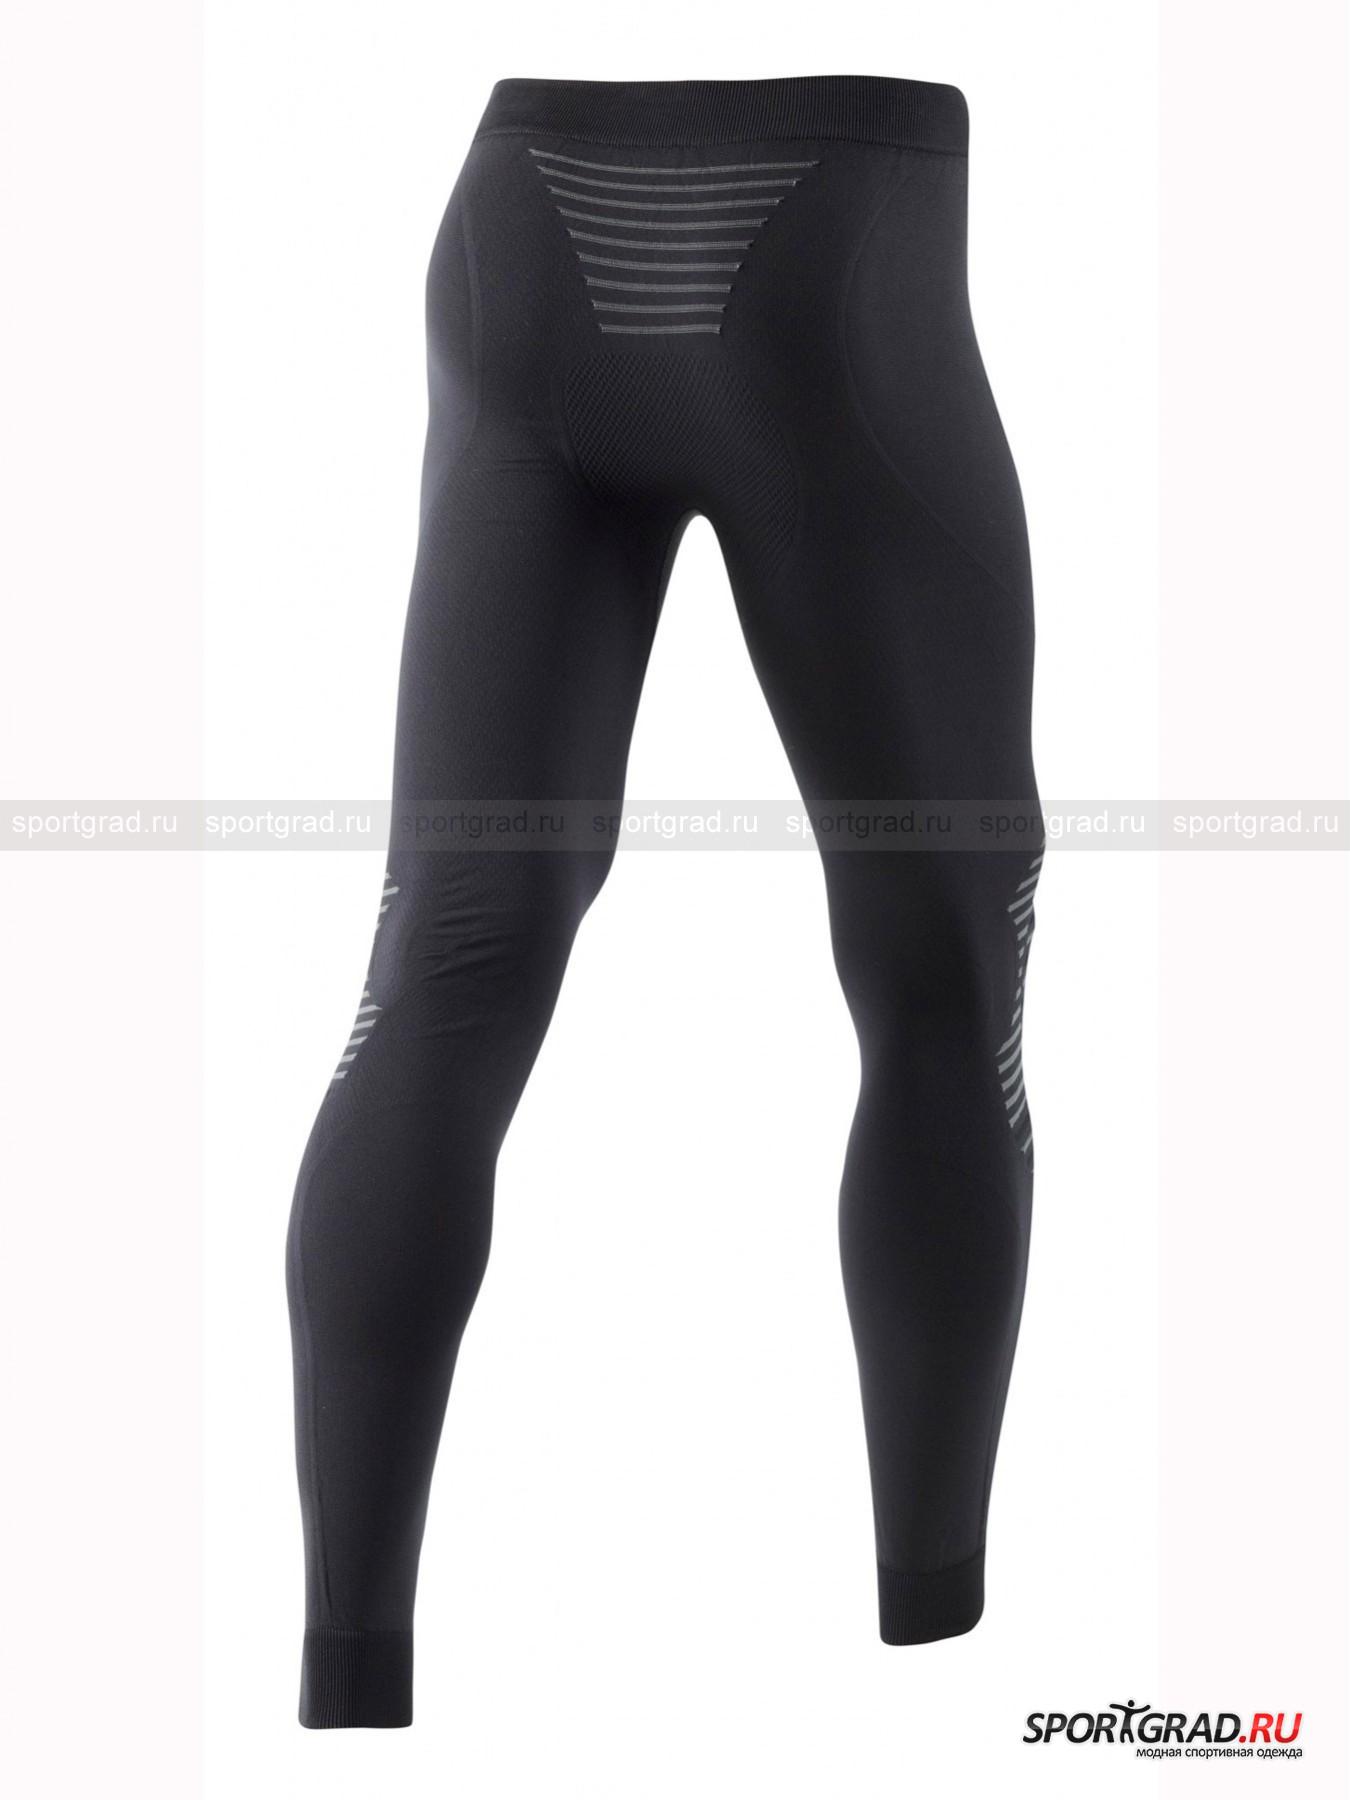 Белье: термокальсоны мужские INVENT PANTS LONG X-BIONIC для занятий спортом от Спортград